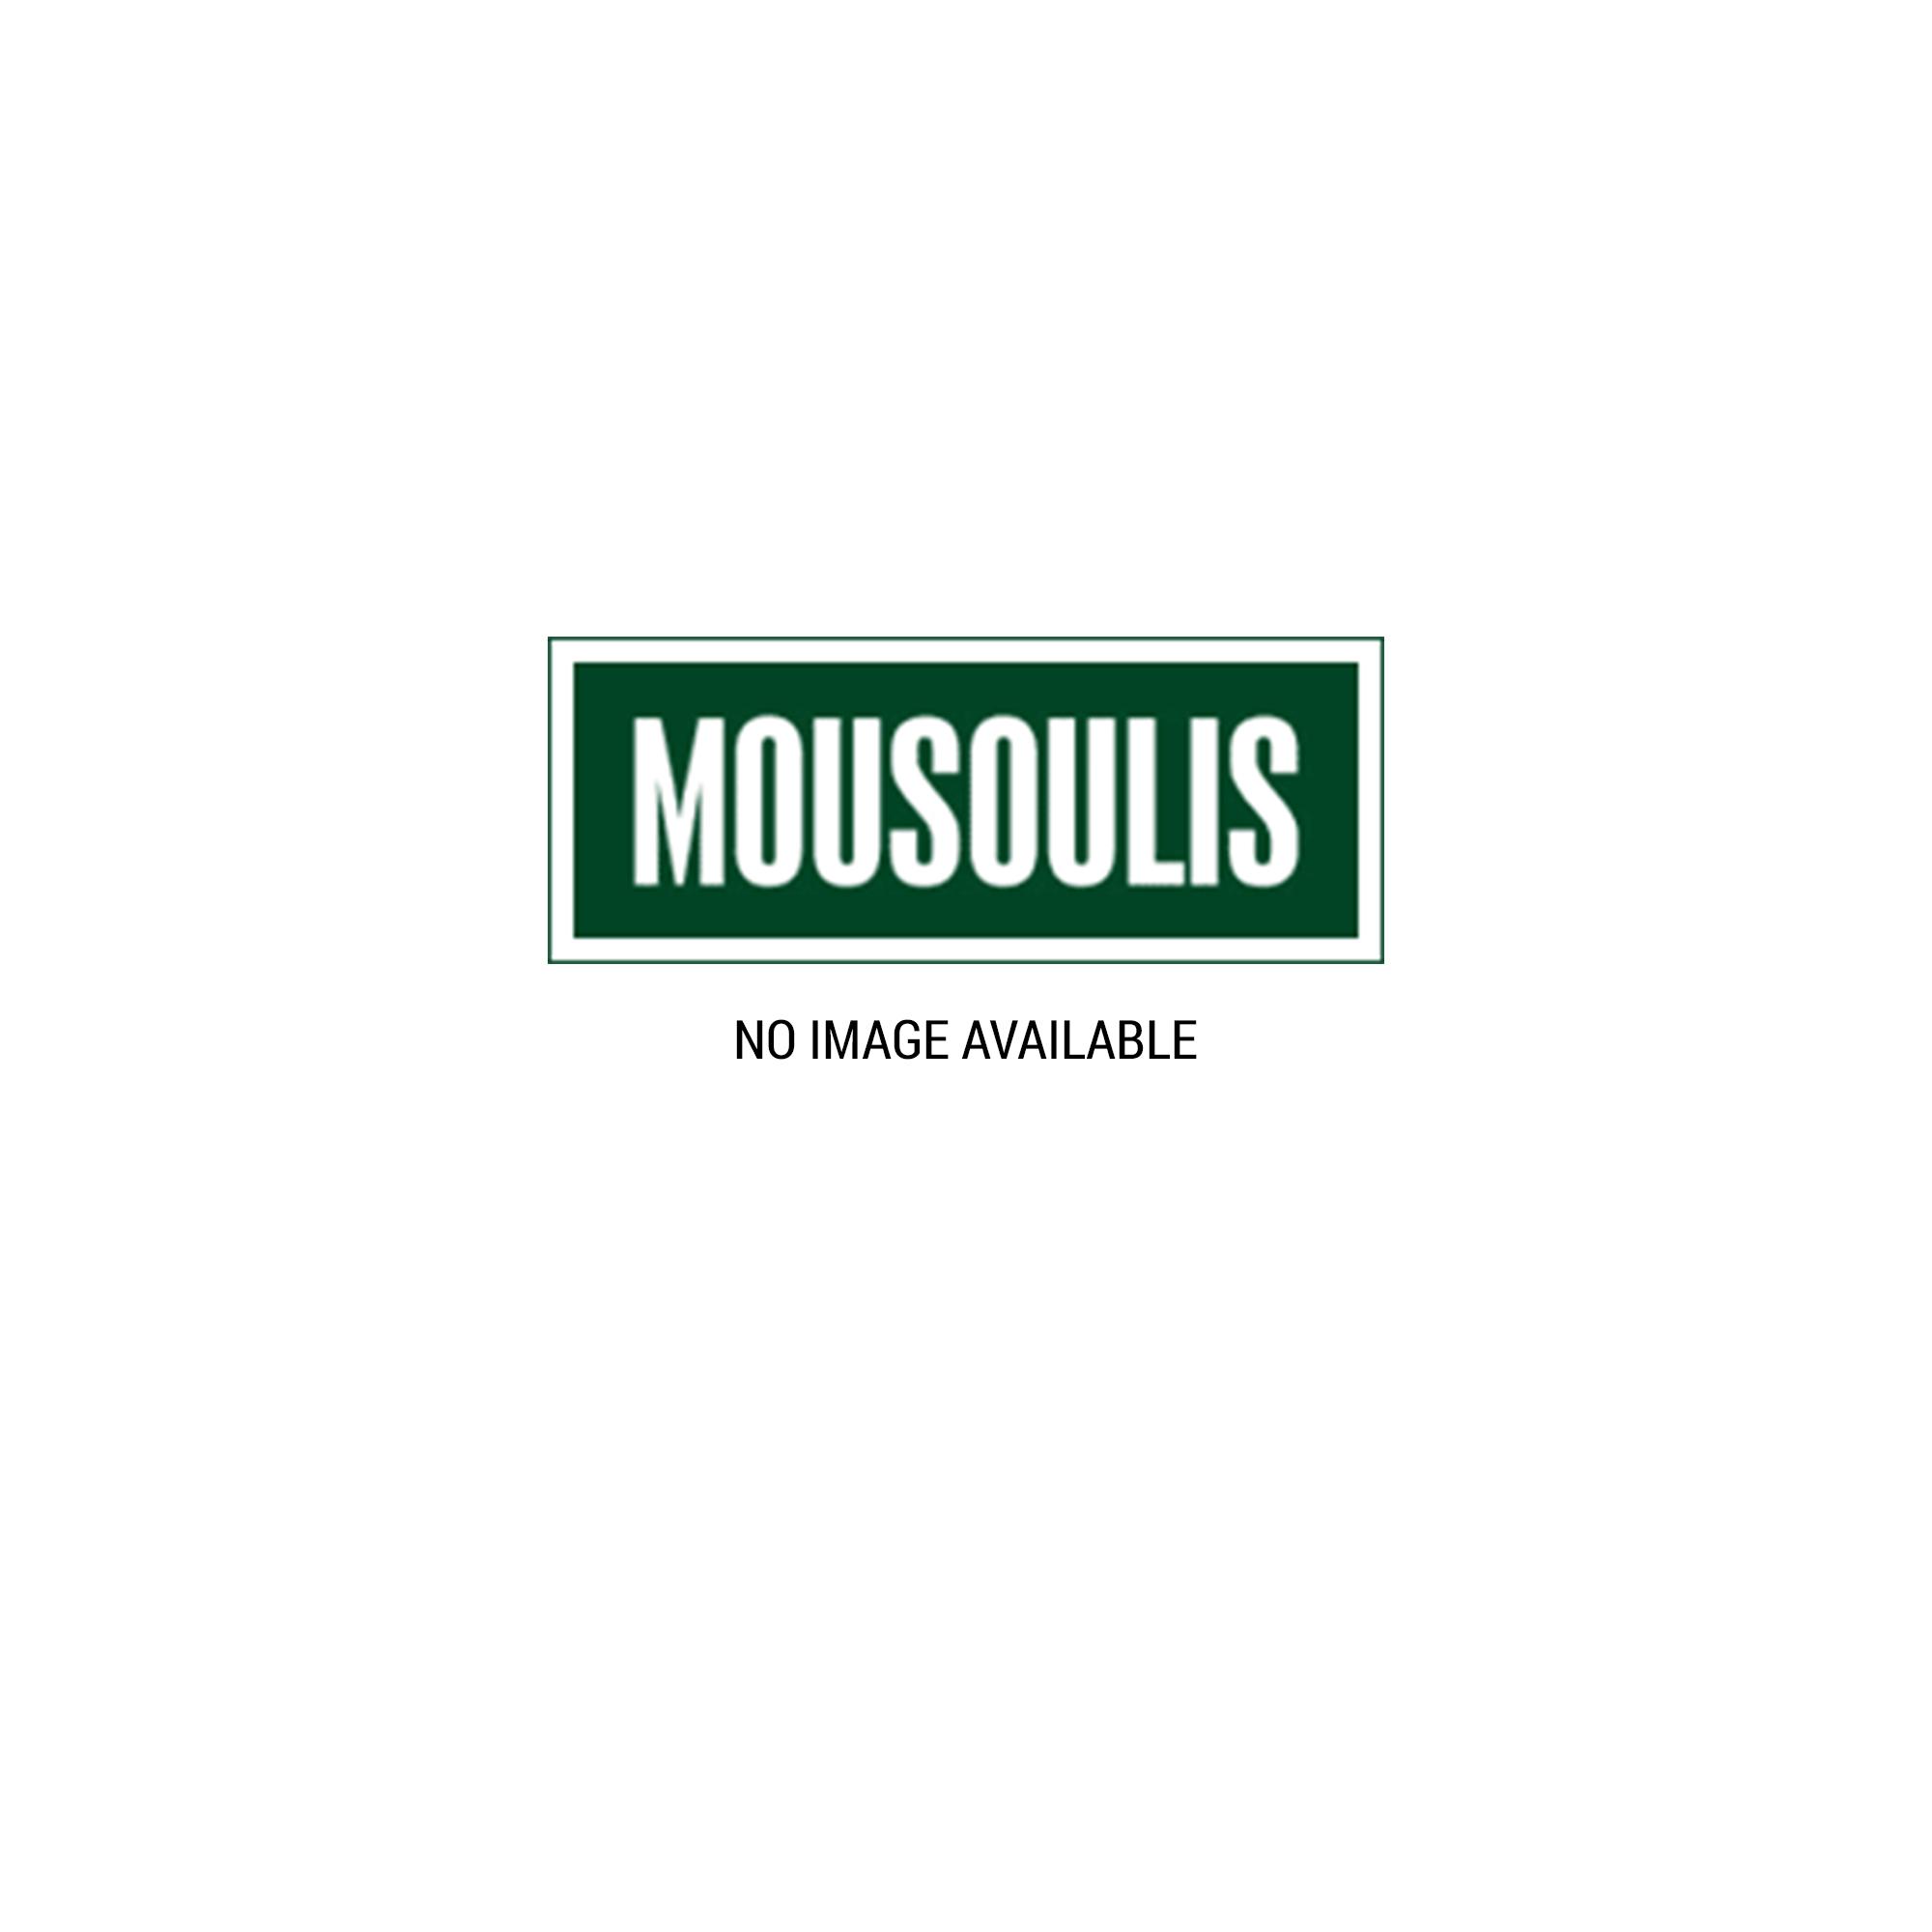 Παντόφλες Μοκασίνια Καρό με Δερμάτινες Λεπτομέρειες & Γούνινη Επένδυση Monty MFO0217 Μπλε